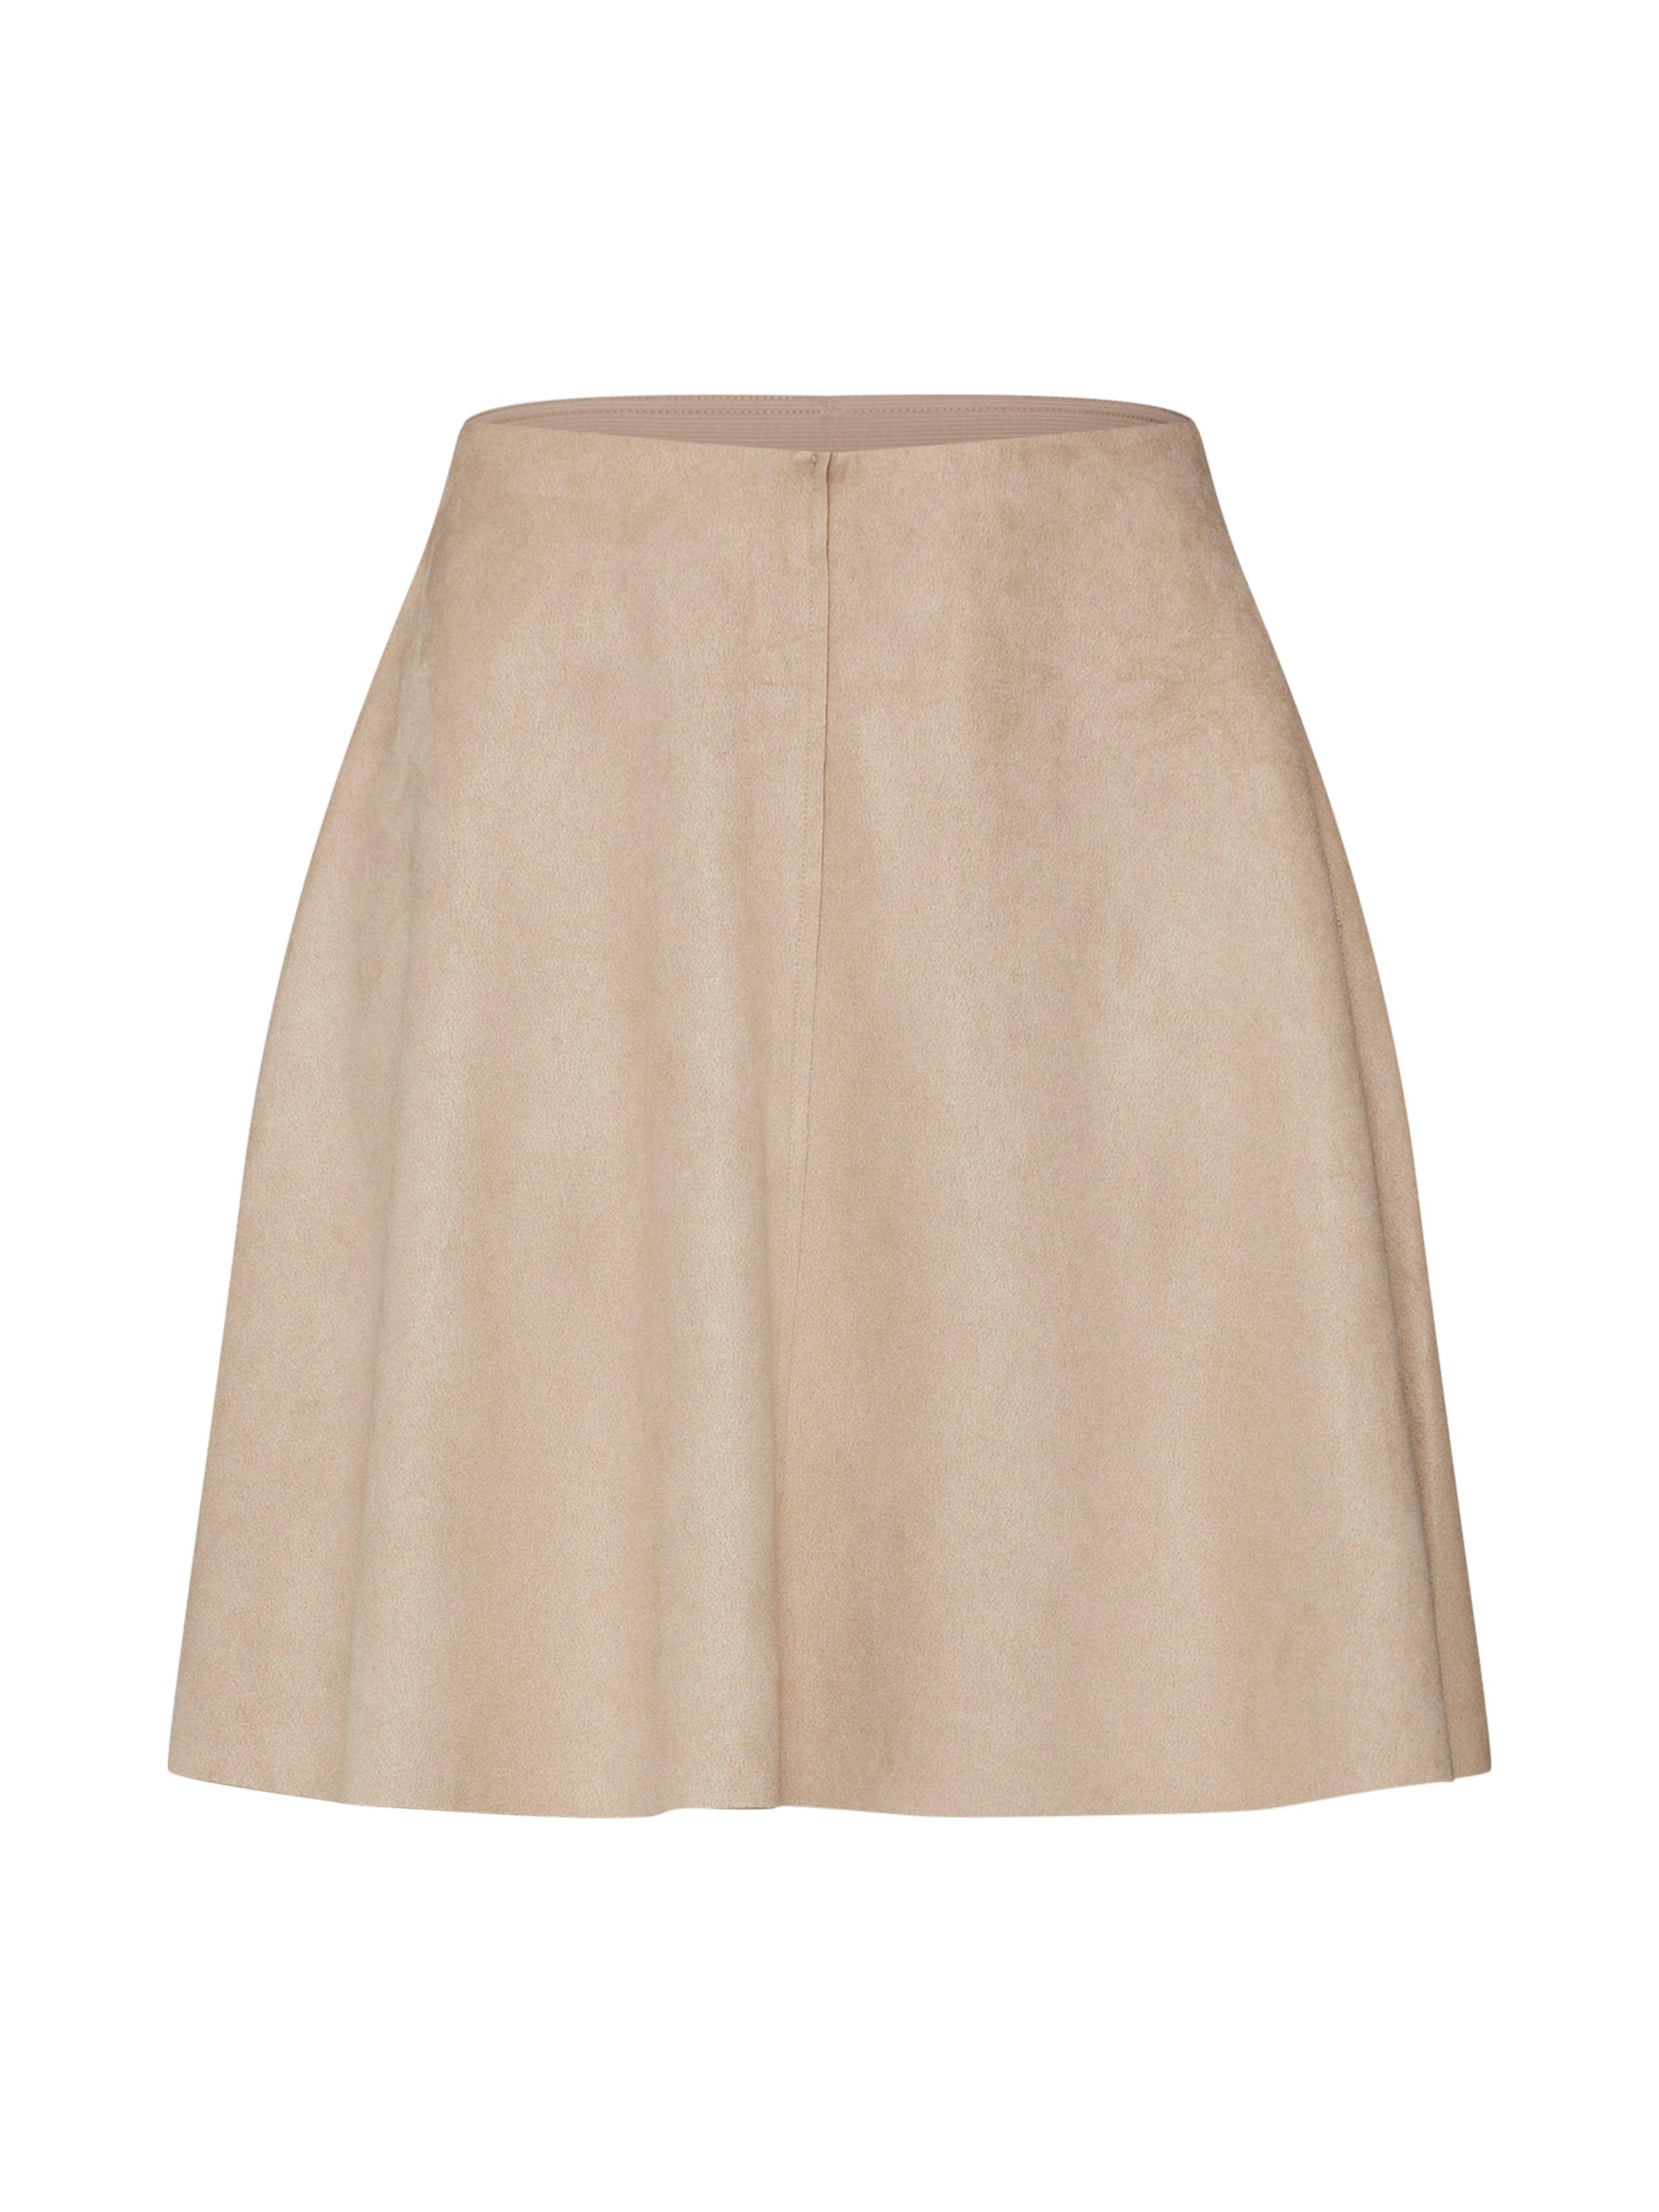 'visuala In Camel Vila Rock Skirt' 8nPk0wO